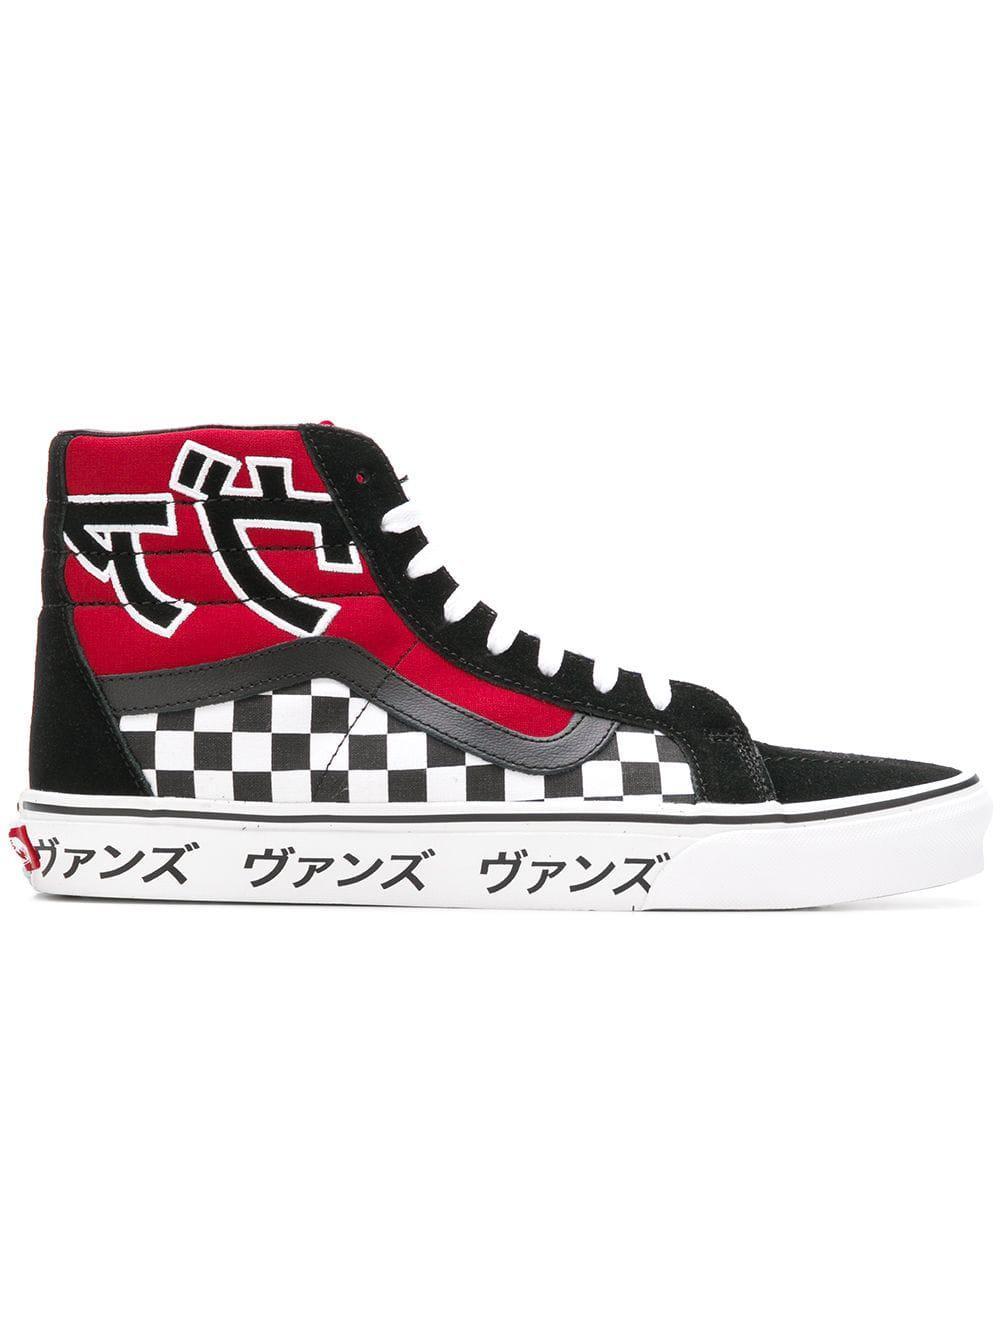 Ua Hi Type' Vans Sk8 High 'vault Black Für Herren Top Japanese In Sneakers Kc35FuTlJ1